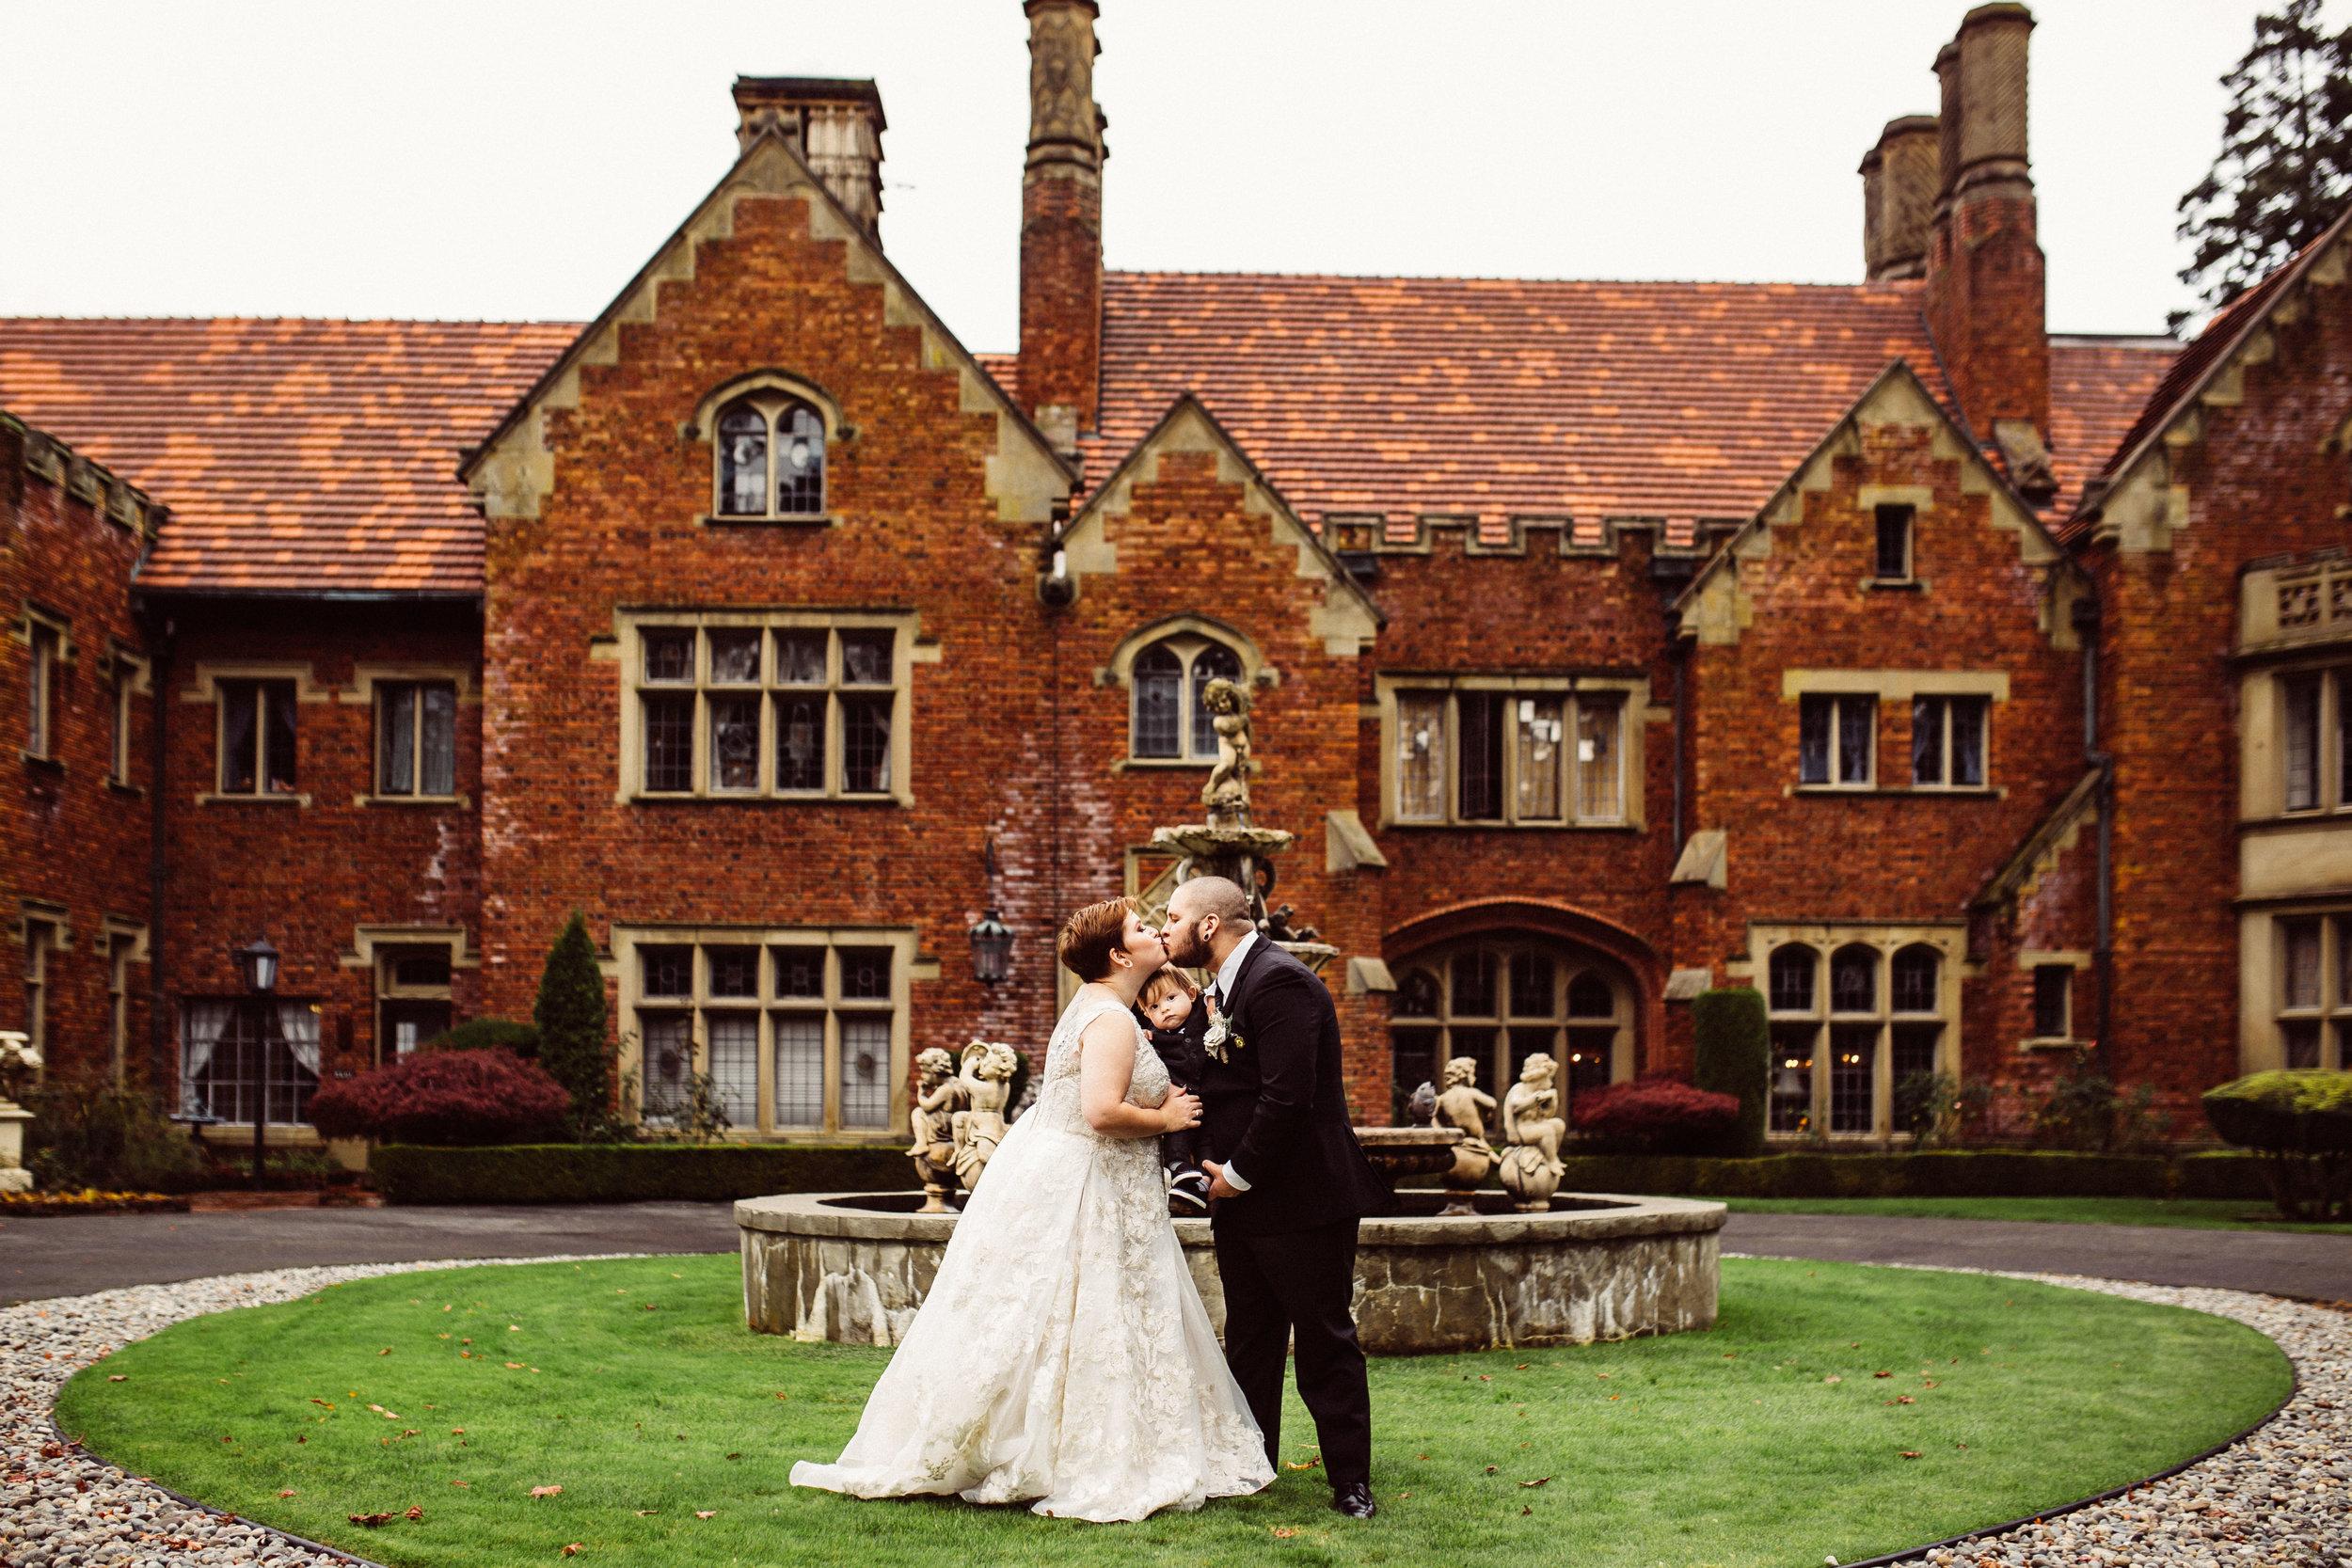 washington_wedding_Thornewood_Castle_photography-0181.jpg